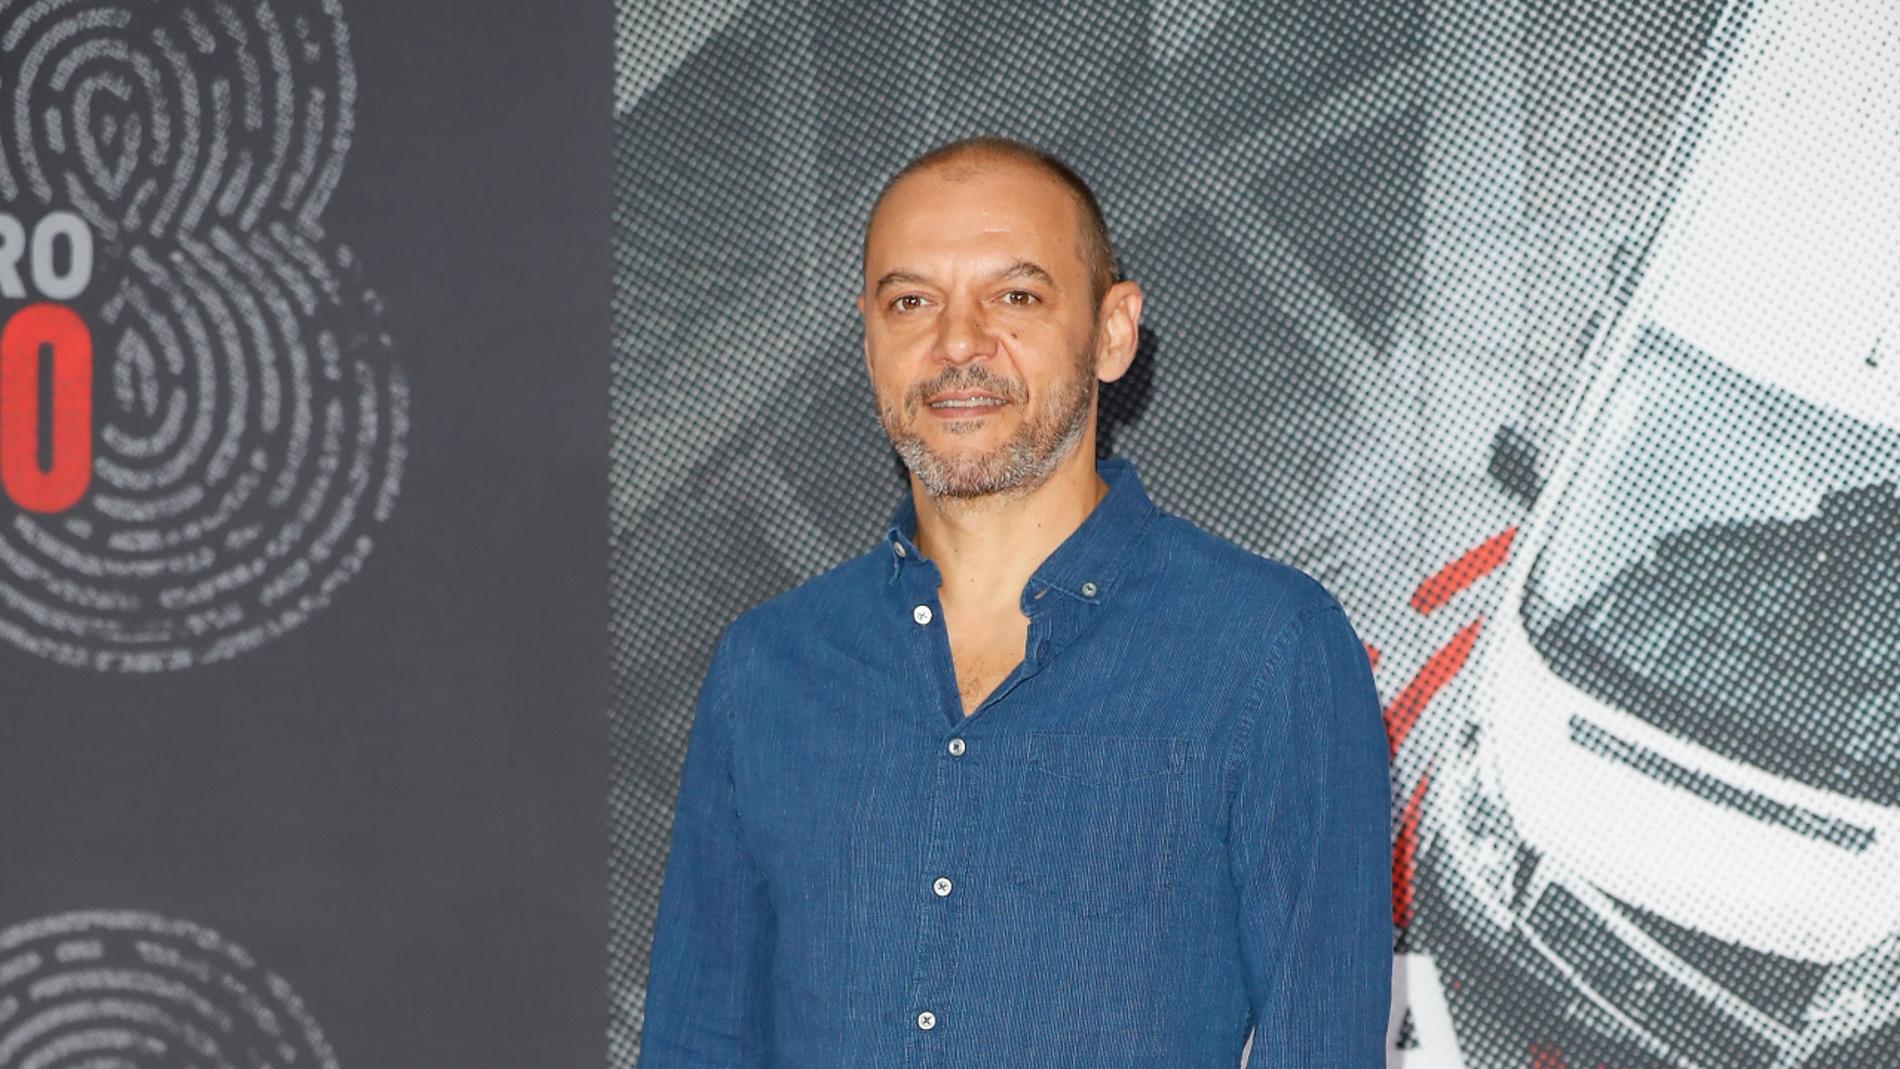 Muere Óscar Sánchez Zafra, actor de 'La casa de papel' y 'El tiempo entre costuras'